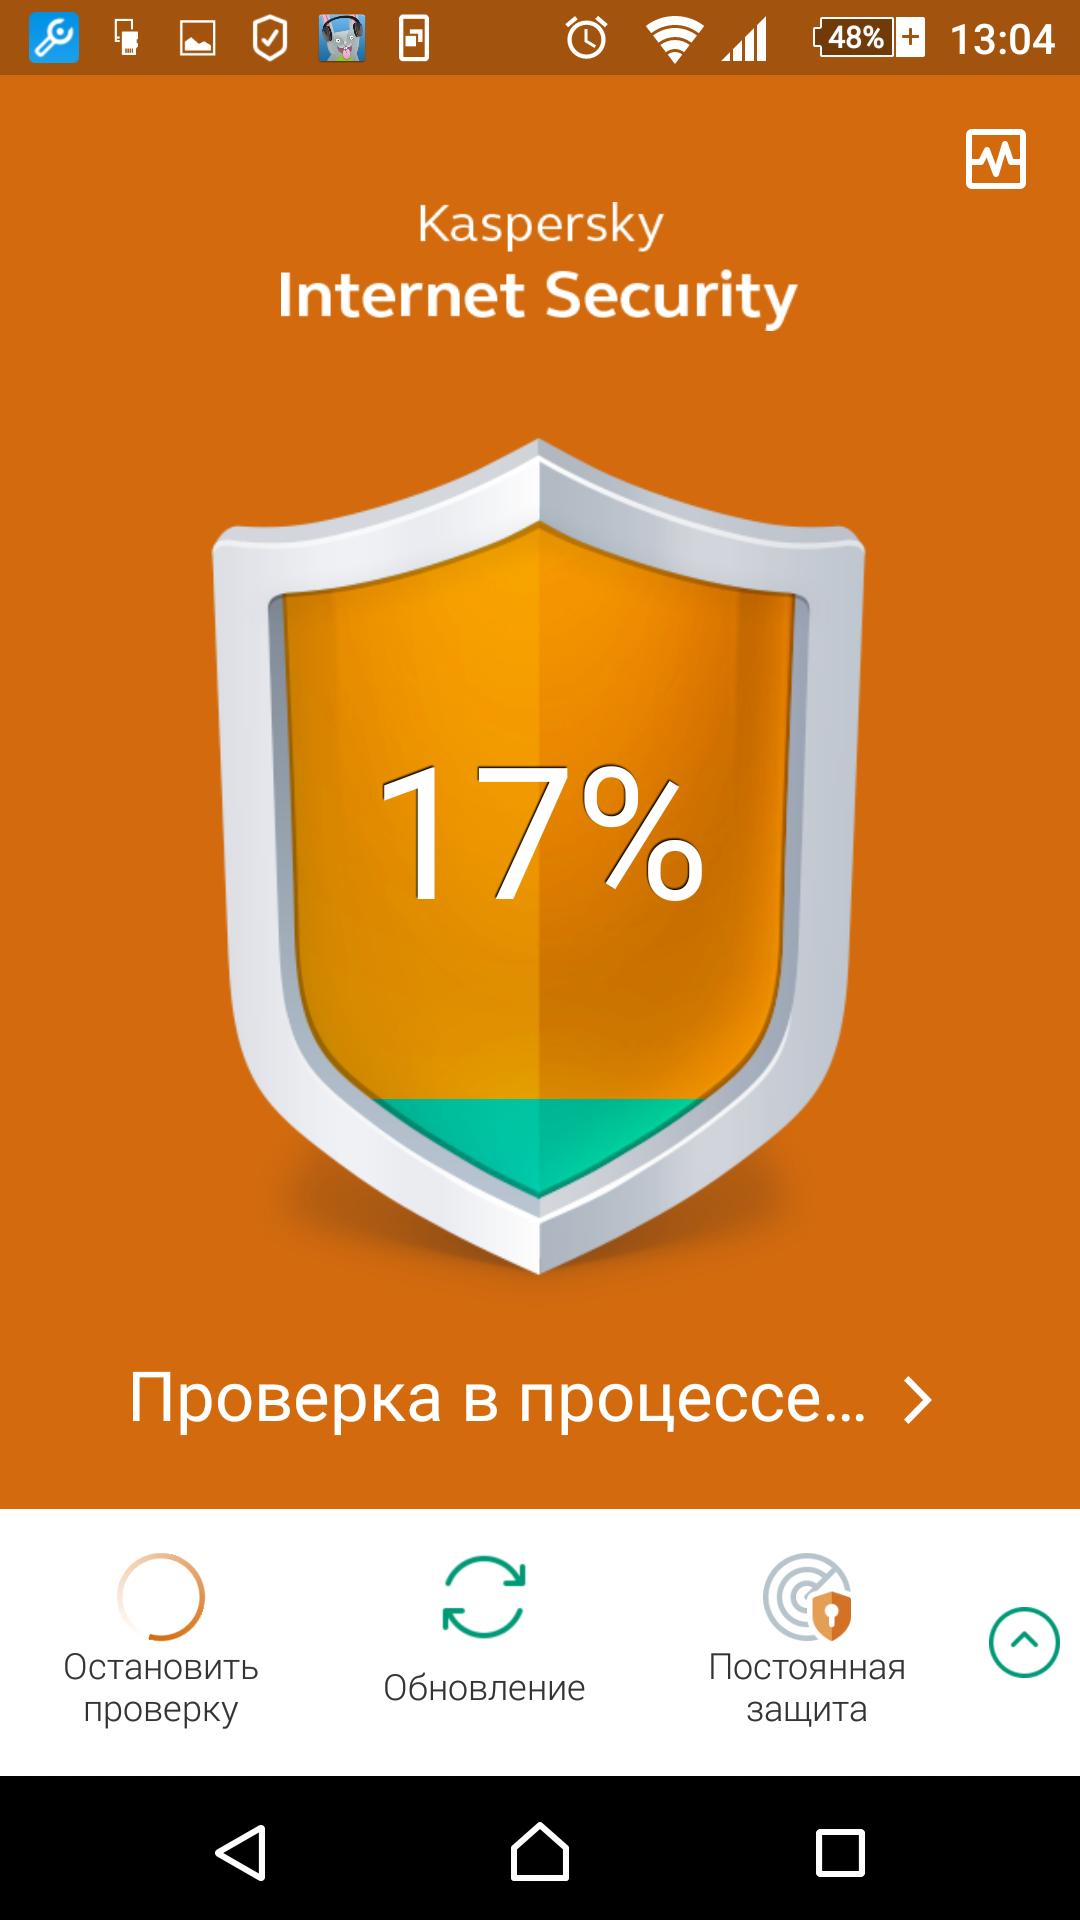 картинка вирус для телефона